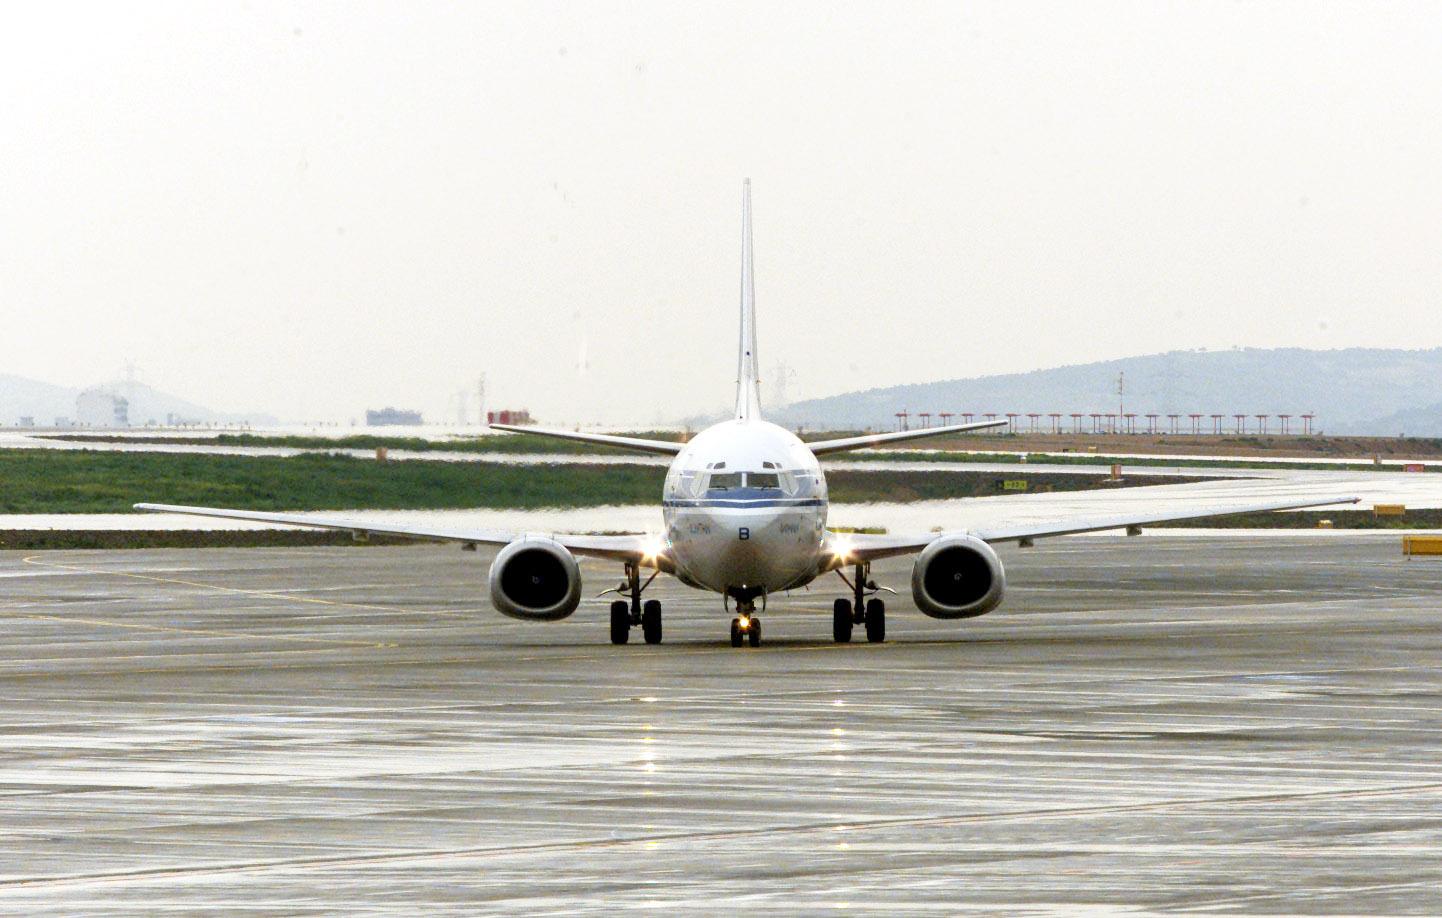 Κορονοϊός: Πτήση γεμάτη κρούσματα από Ζάκυνθο για Κάρντιφ! Αίσθηση από τις εικόνες μέσα στο αεροπλάνο